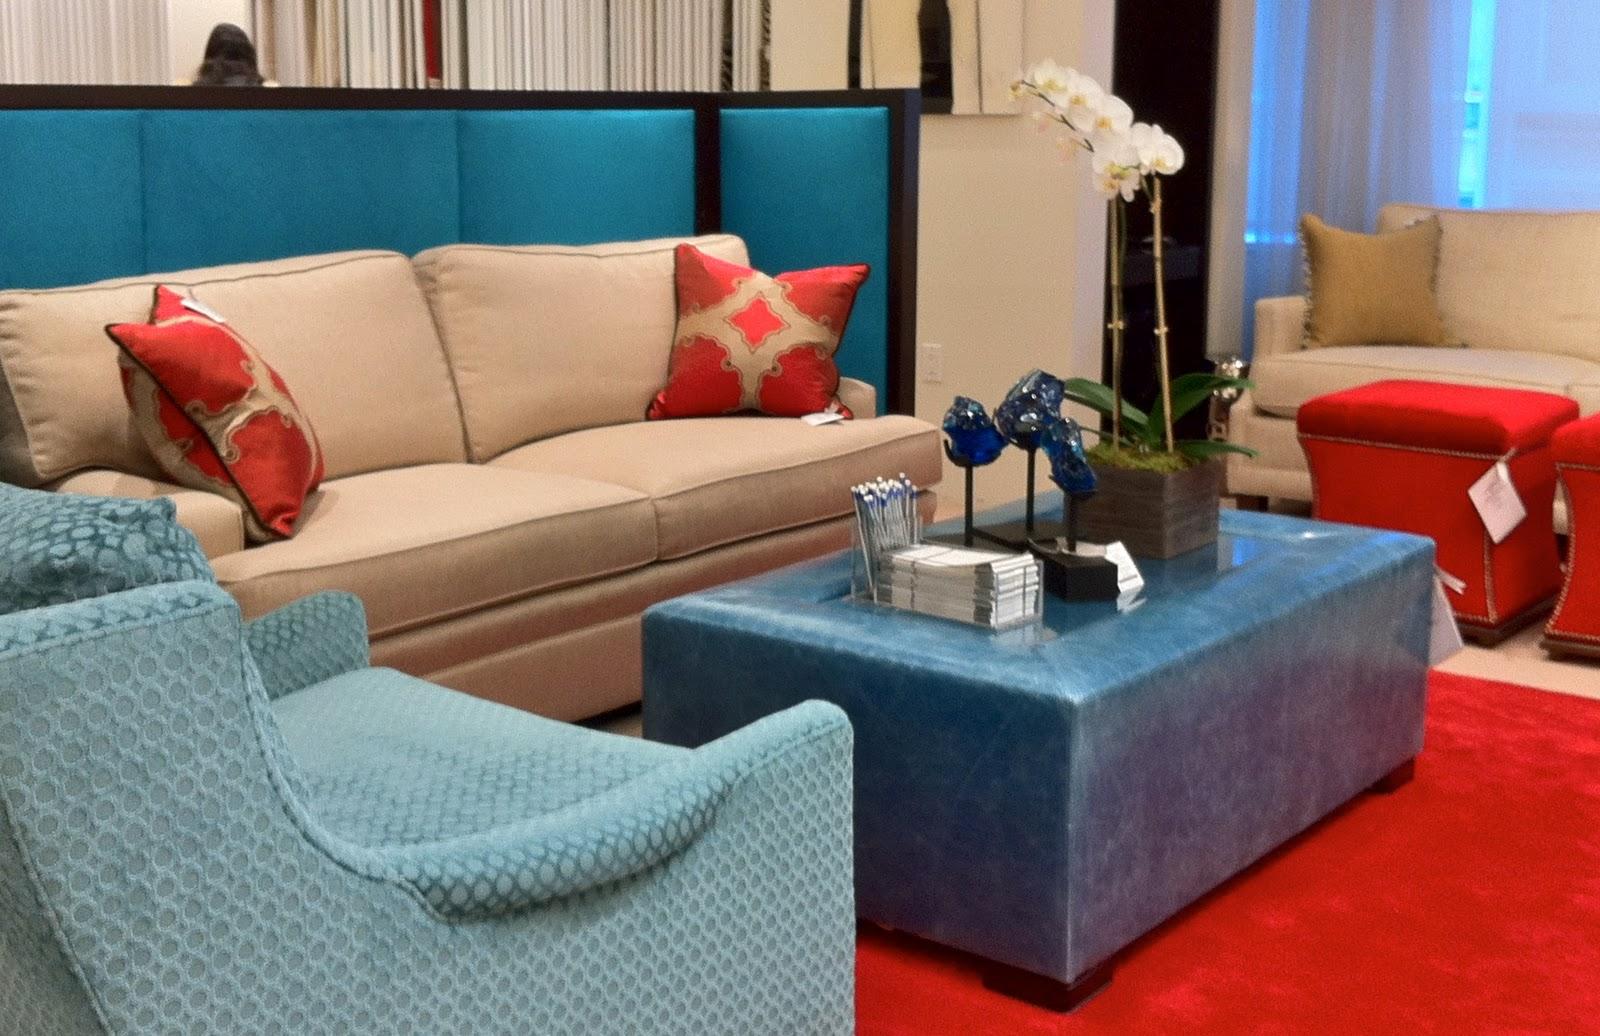 Dezins For Living Deziner Tonie Interior Designs For Lving